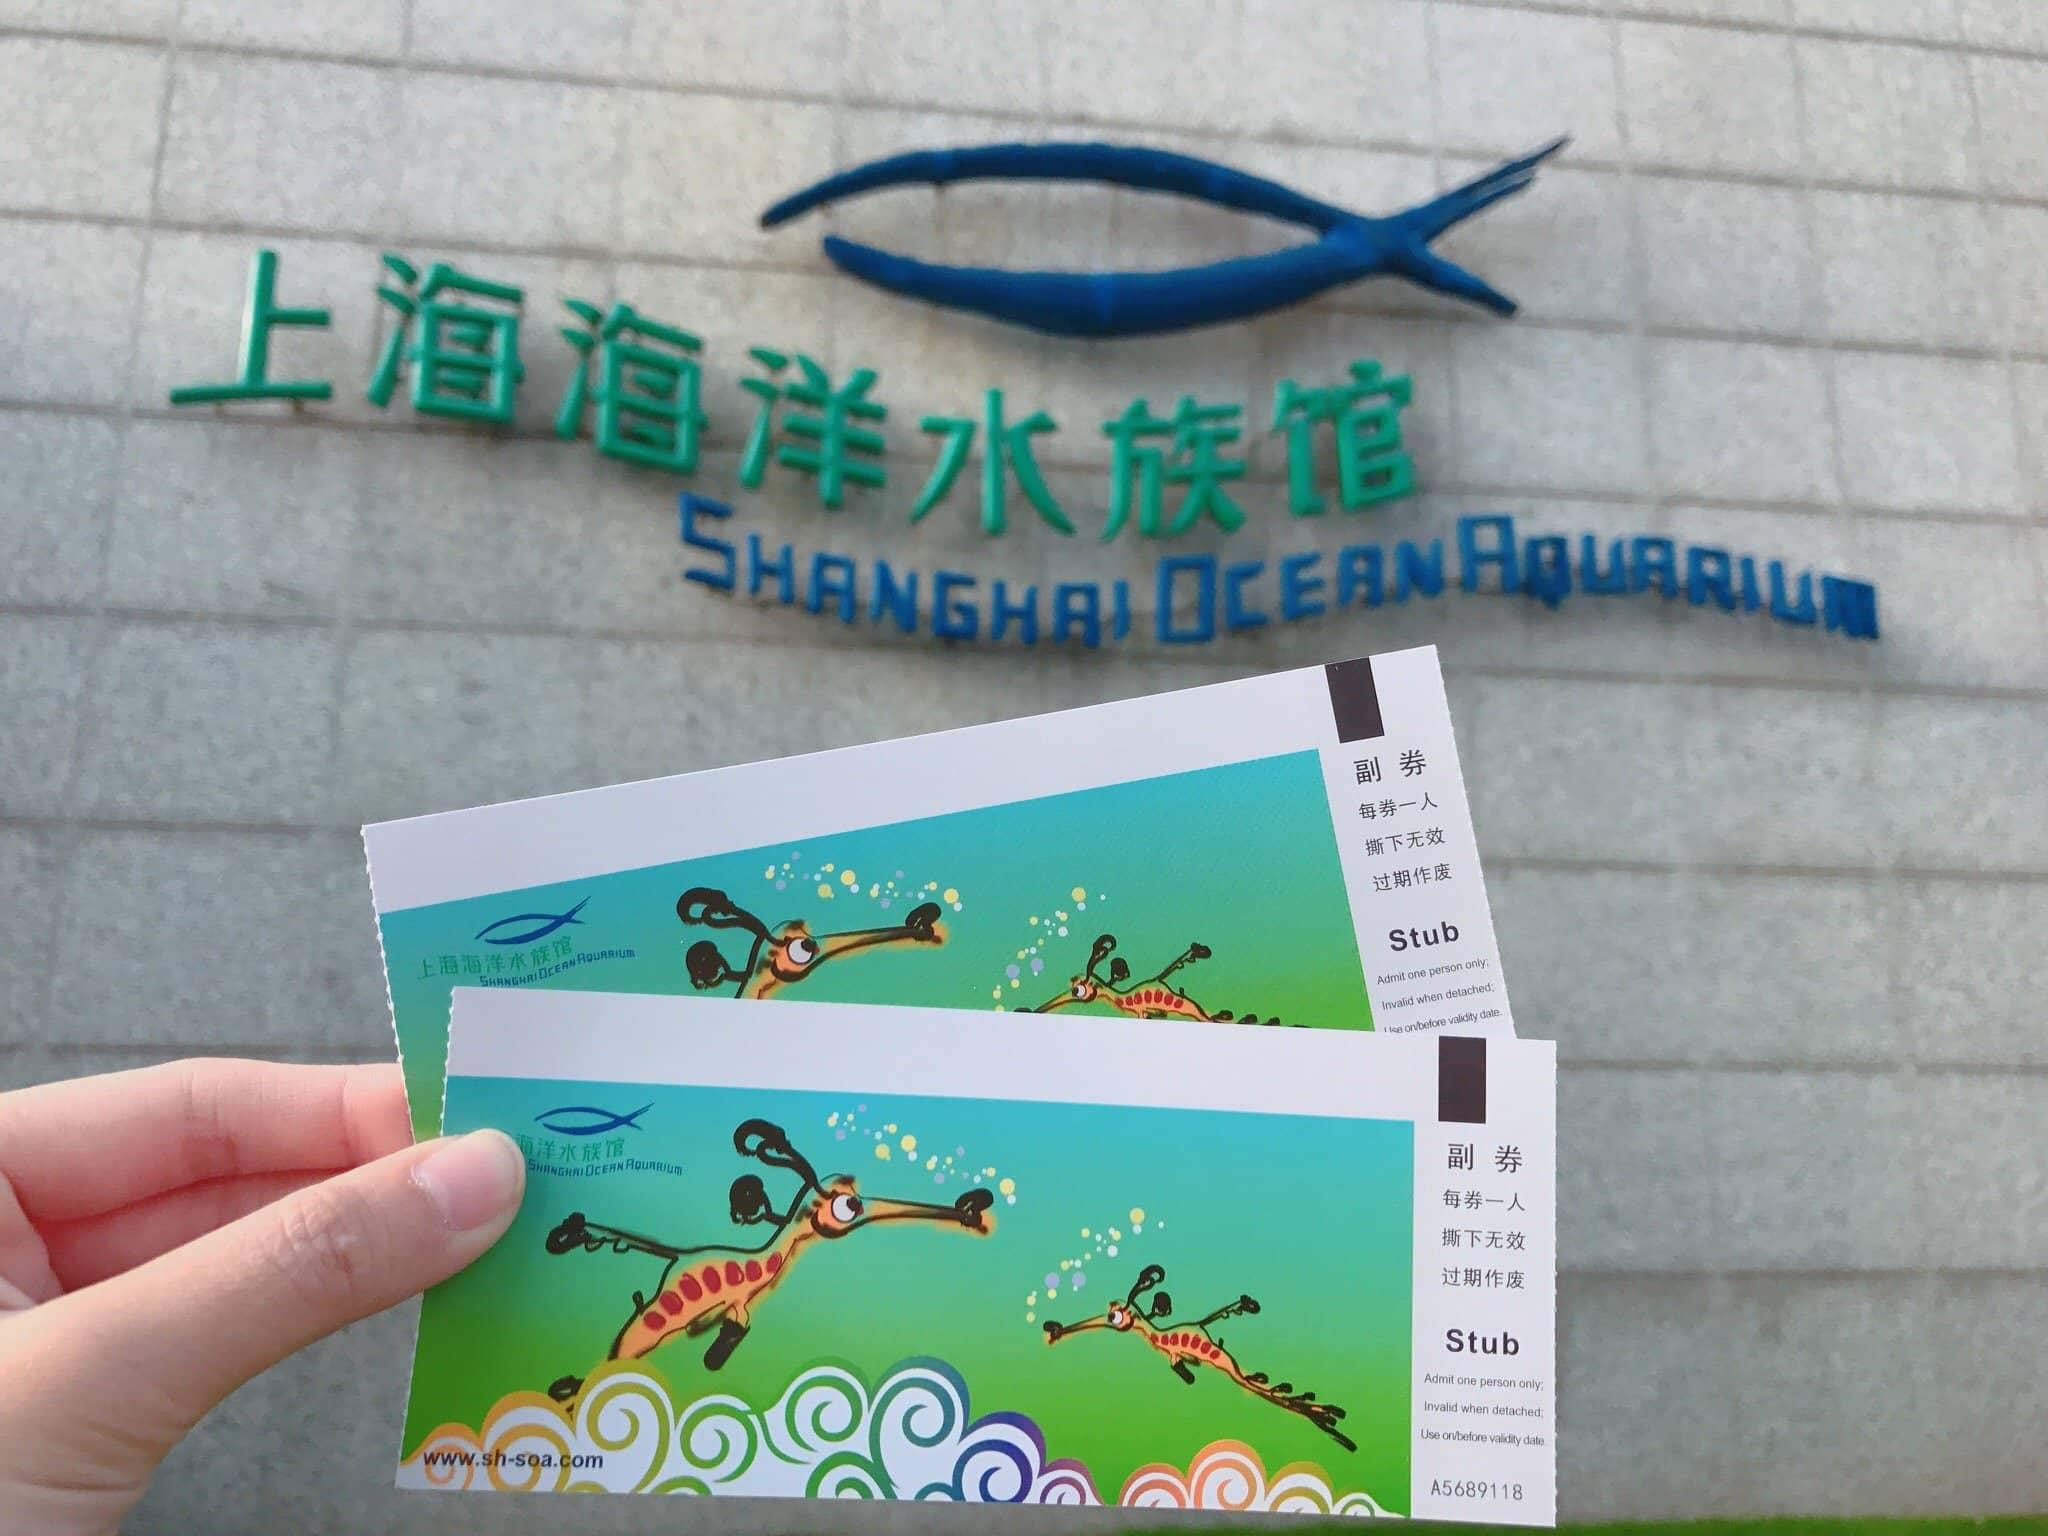 цена билета в шанхайский океанариум